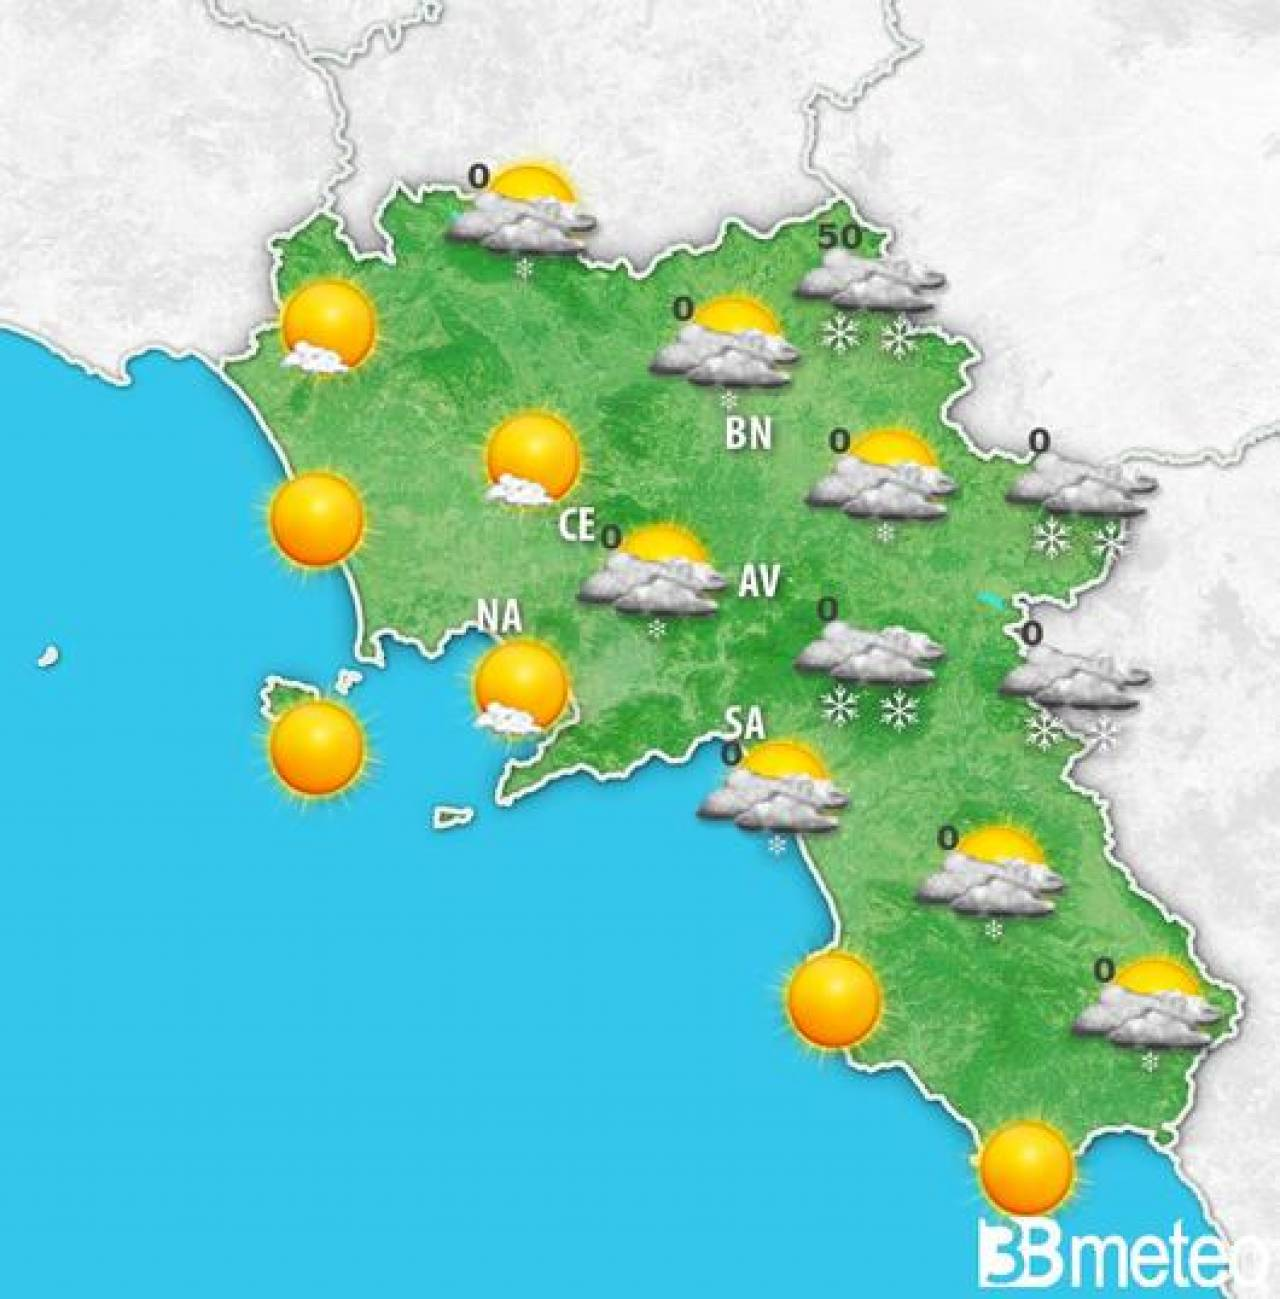 Meteo Campania: l'evoluzione attesa domenica. Fiocchi fino in pianura